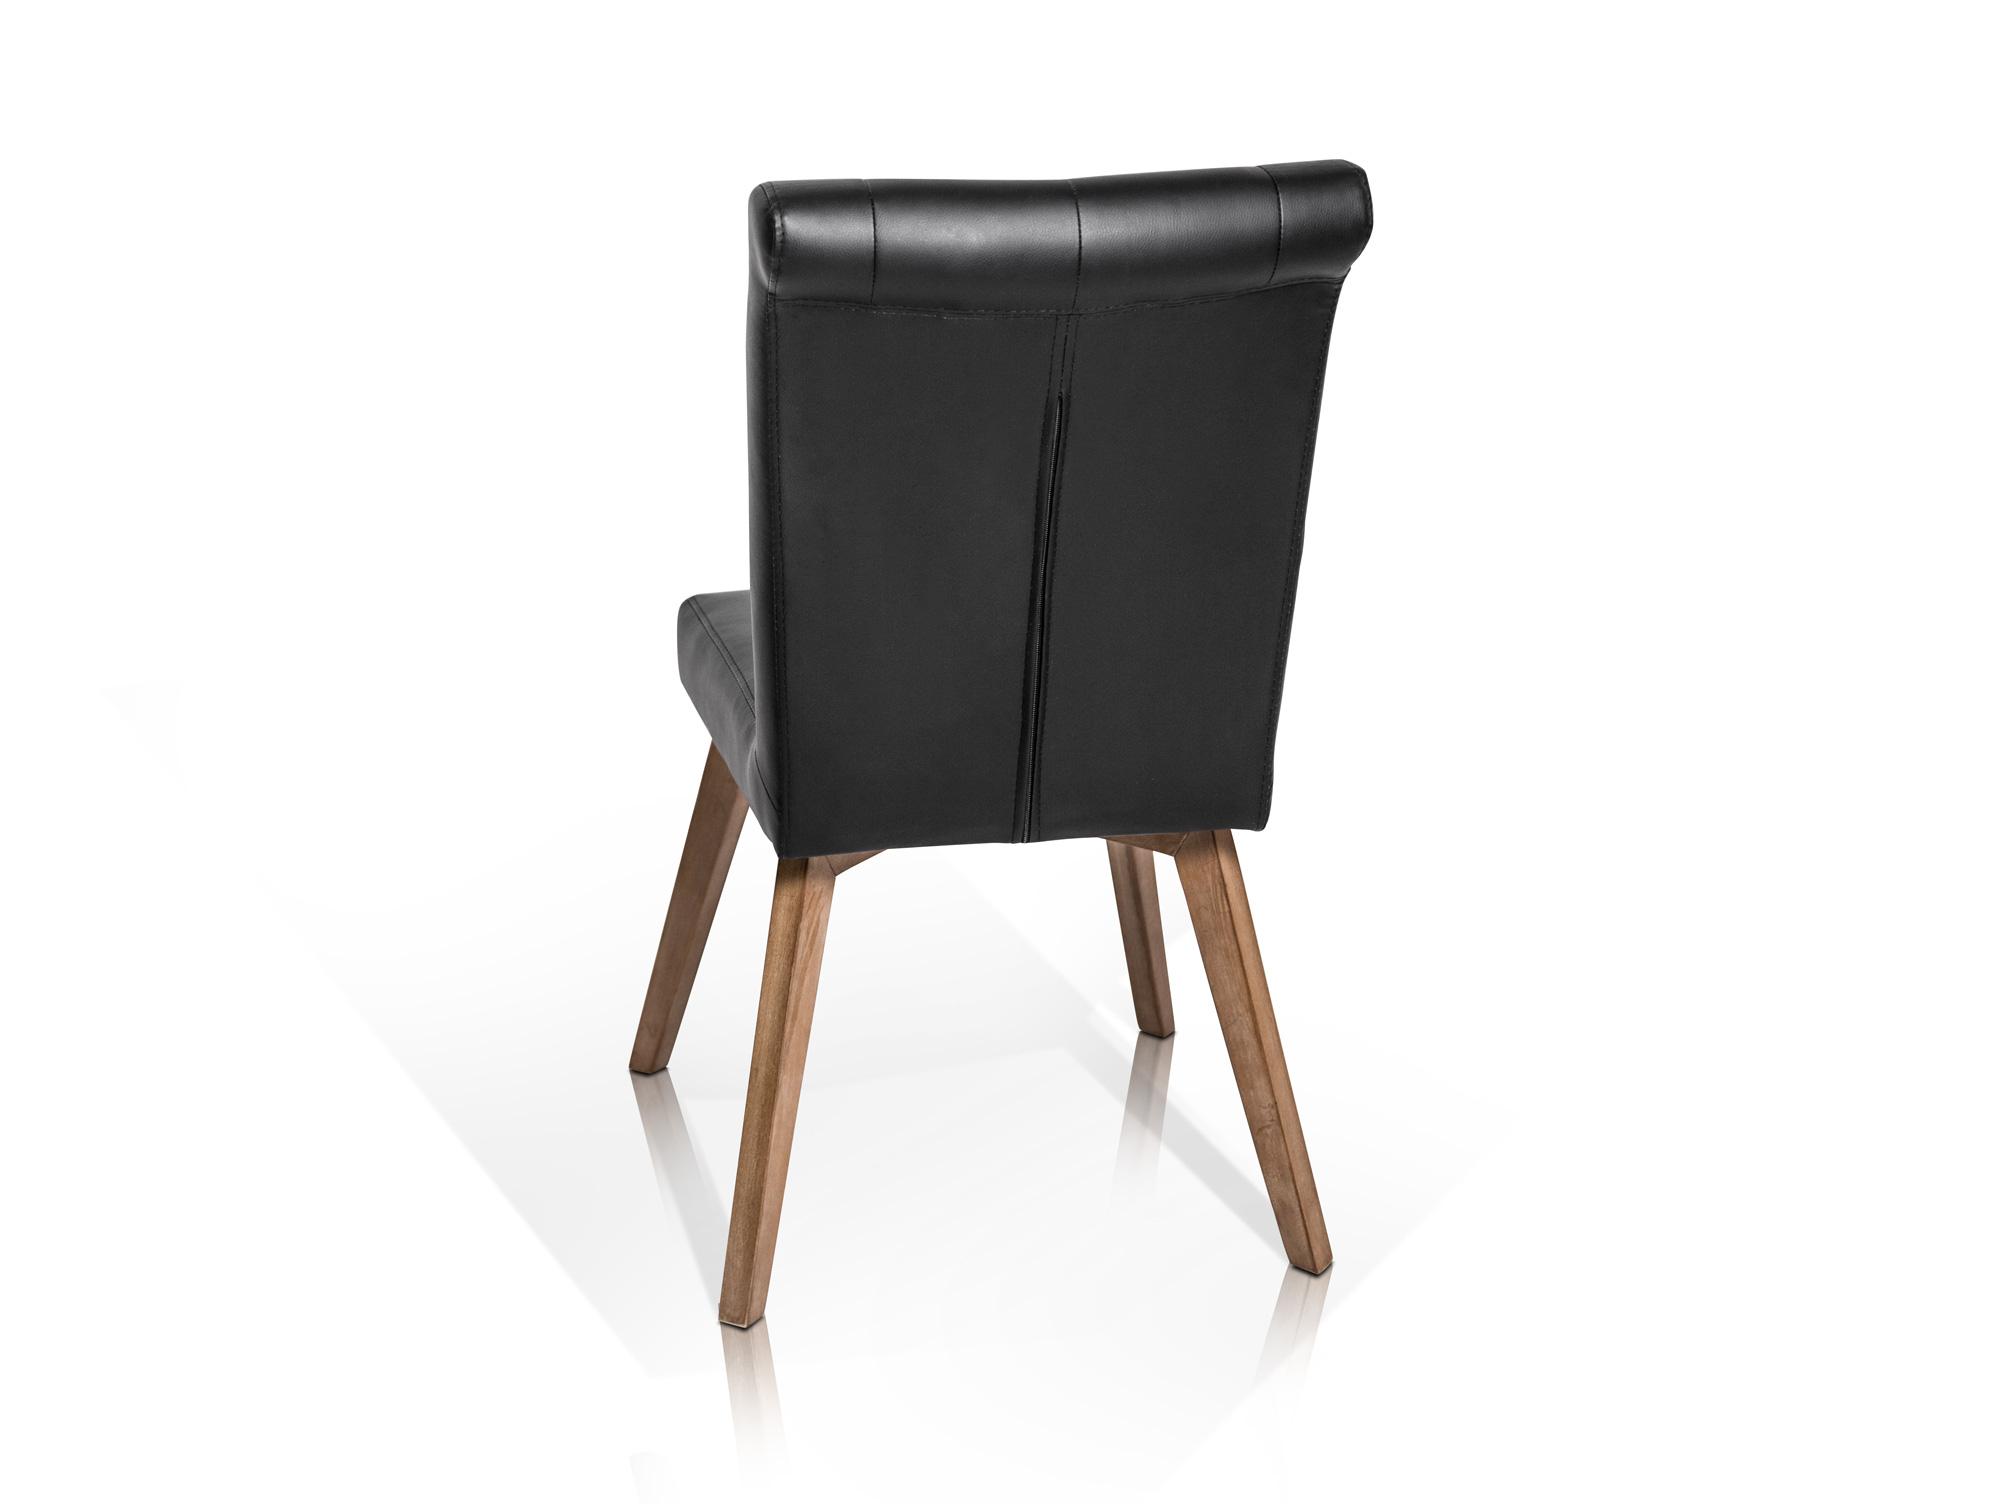 canu polsterstuhl rubberwood kunstleder schwarz. Black Bedroom Furniture Sets. Home Design Ideas